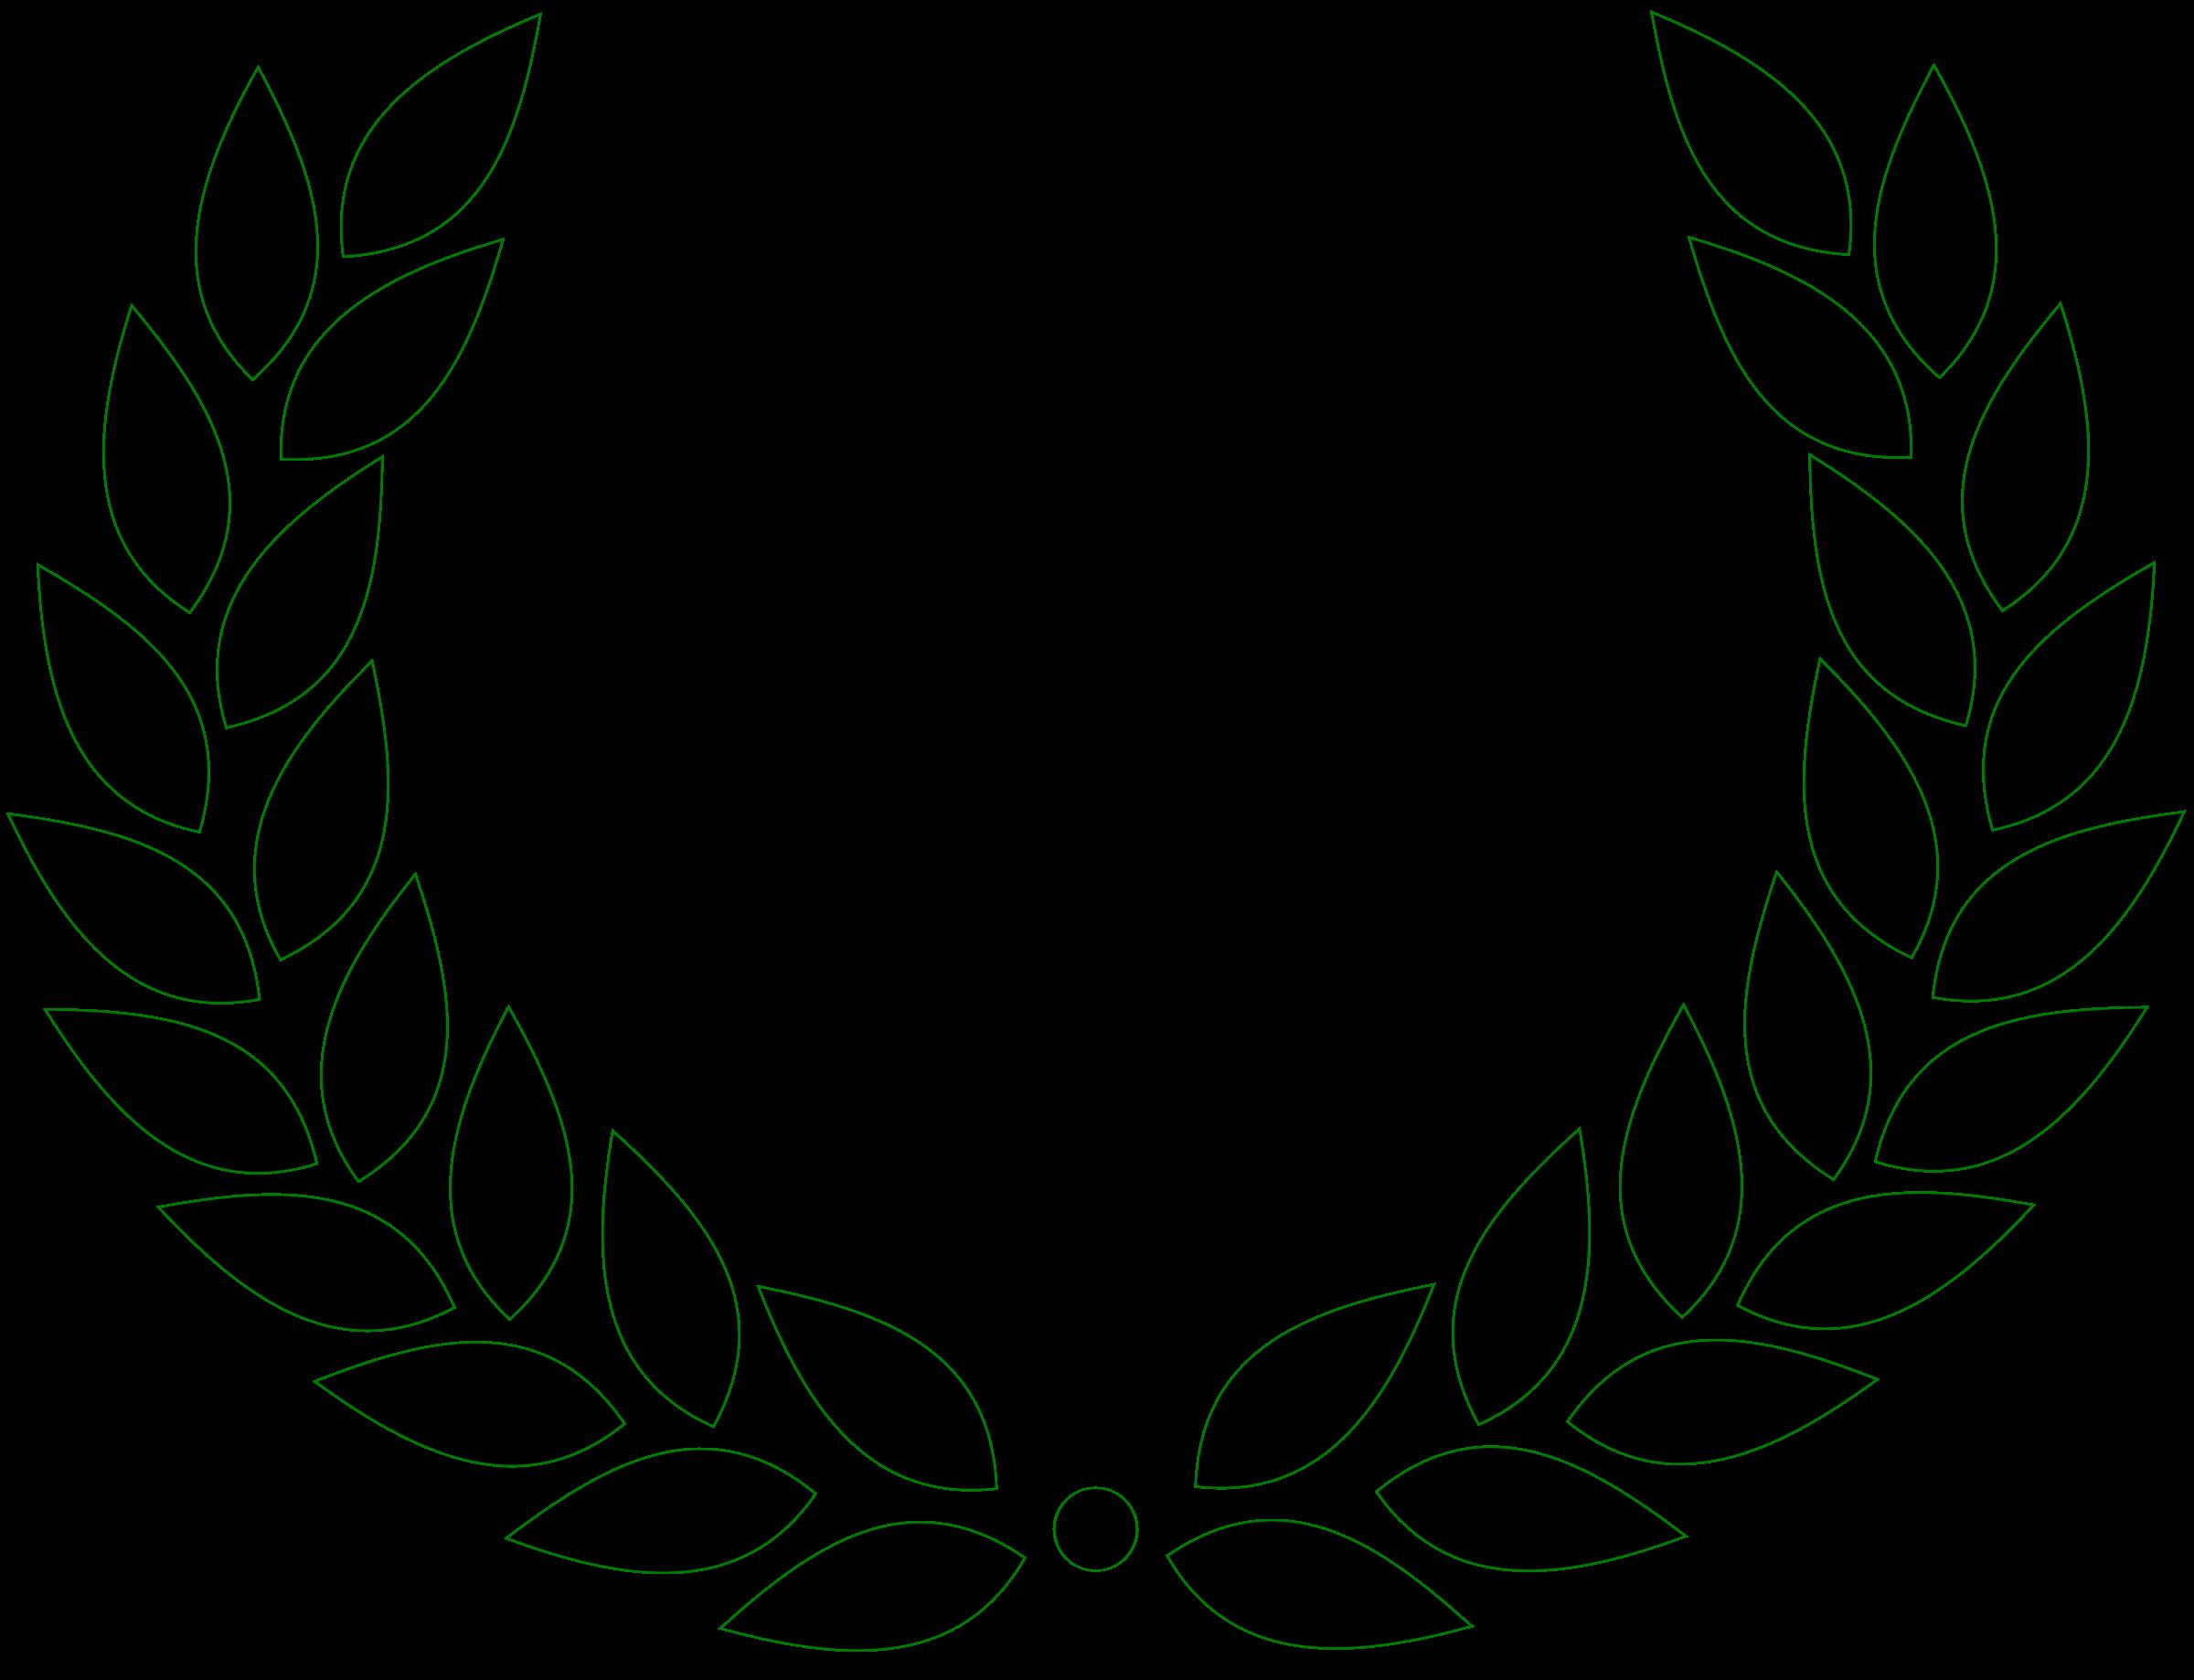 Vector Laurel